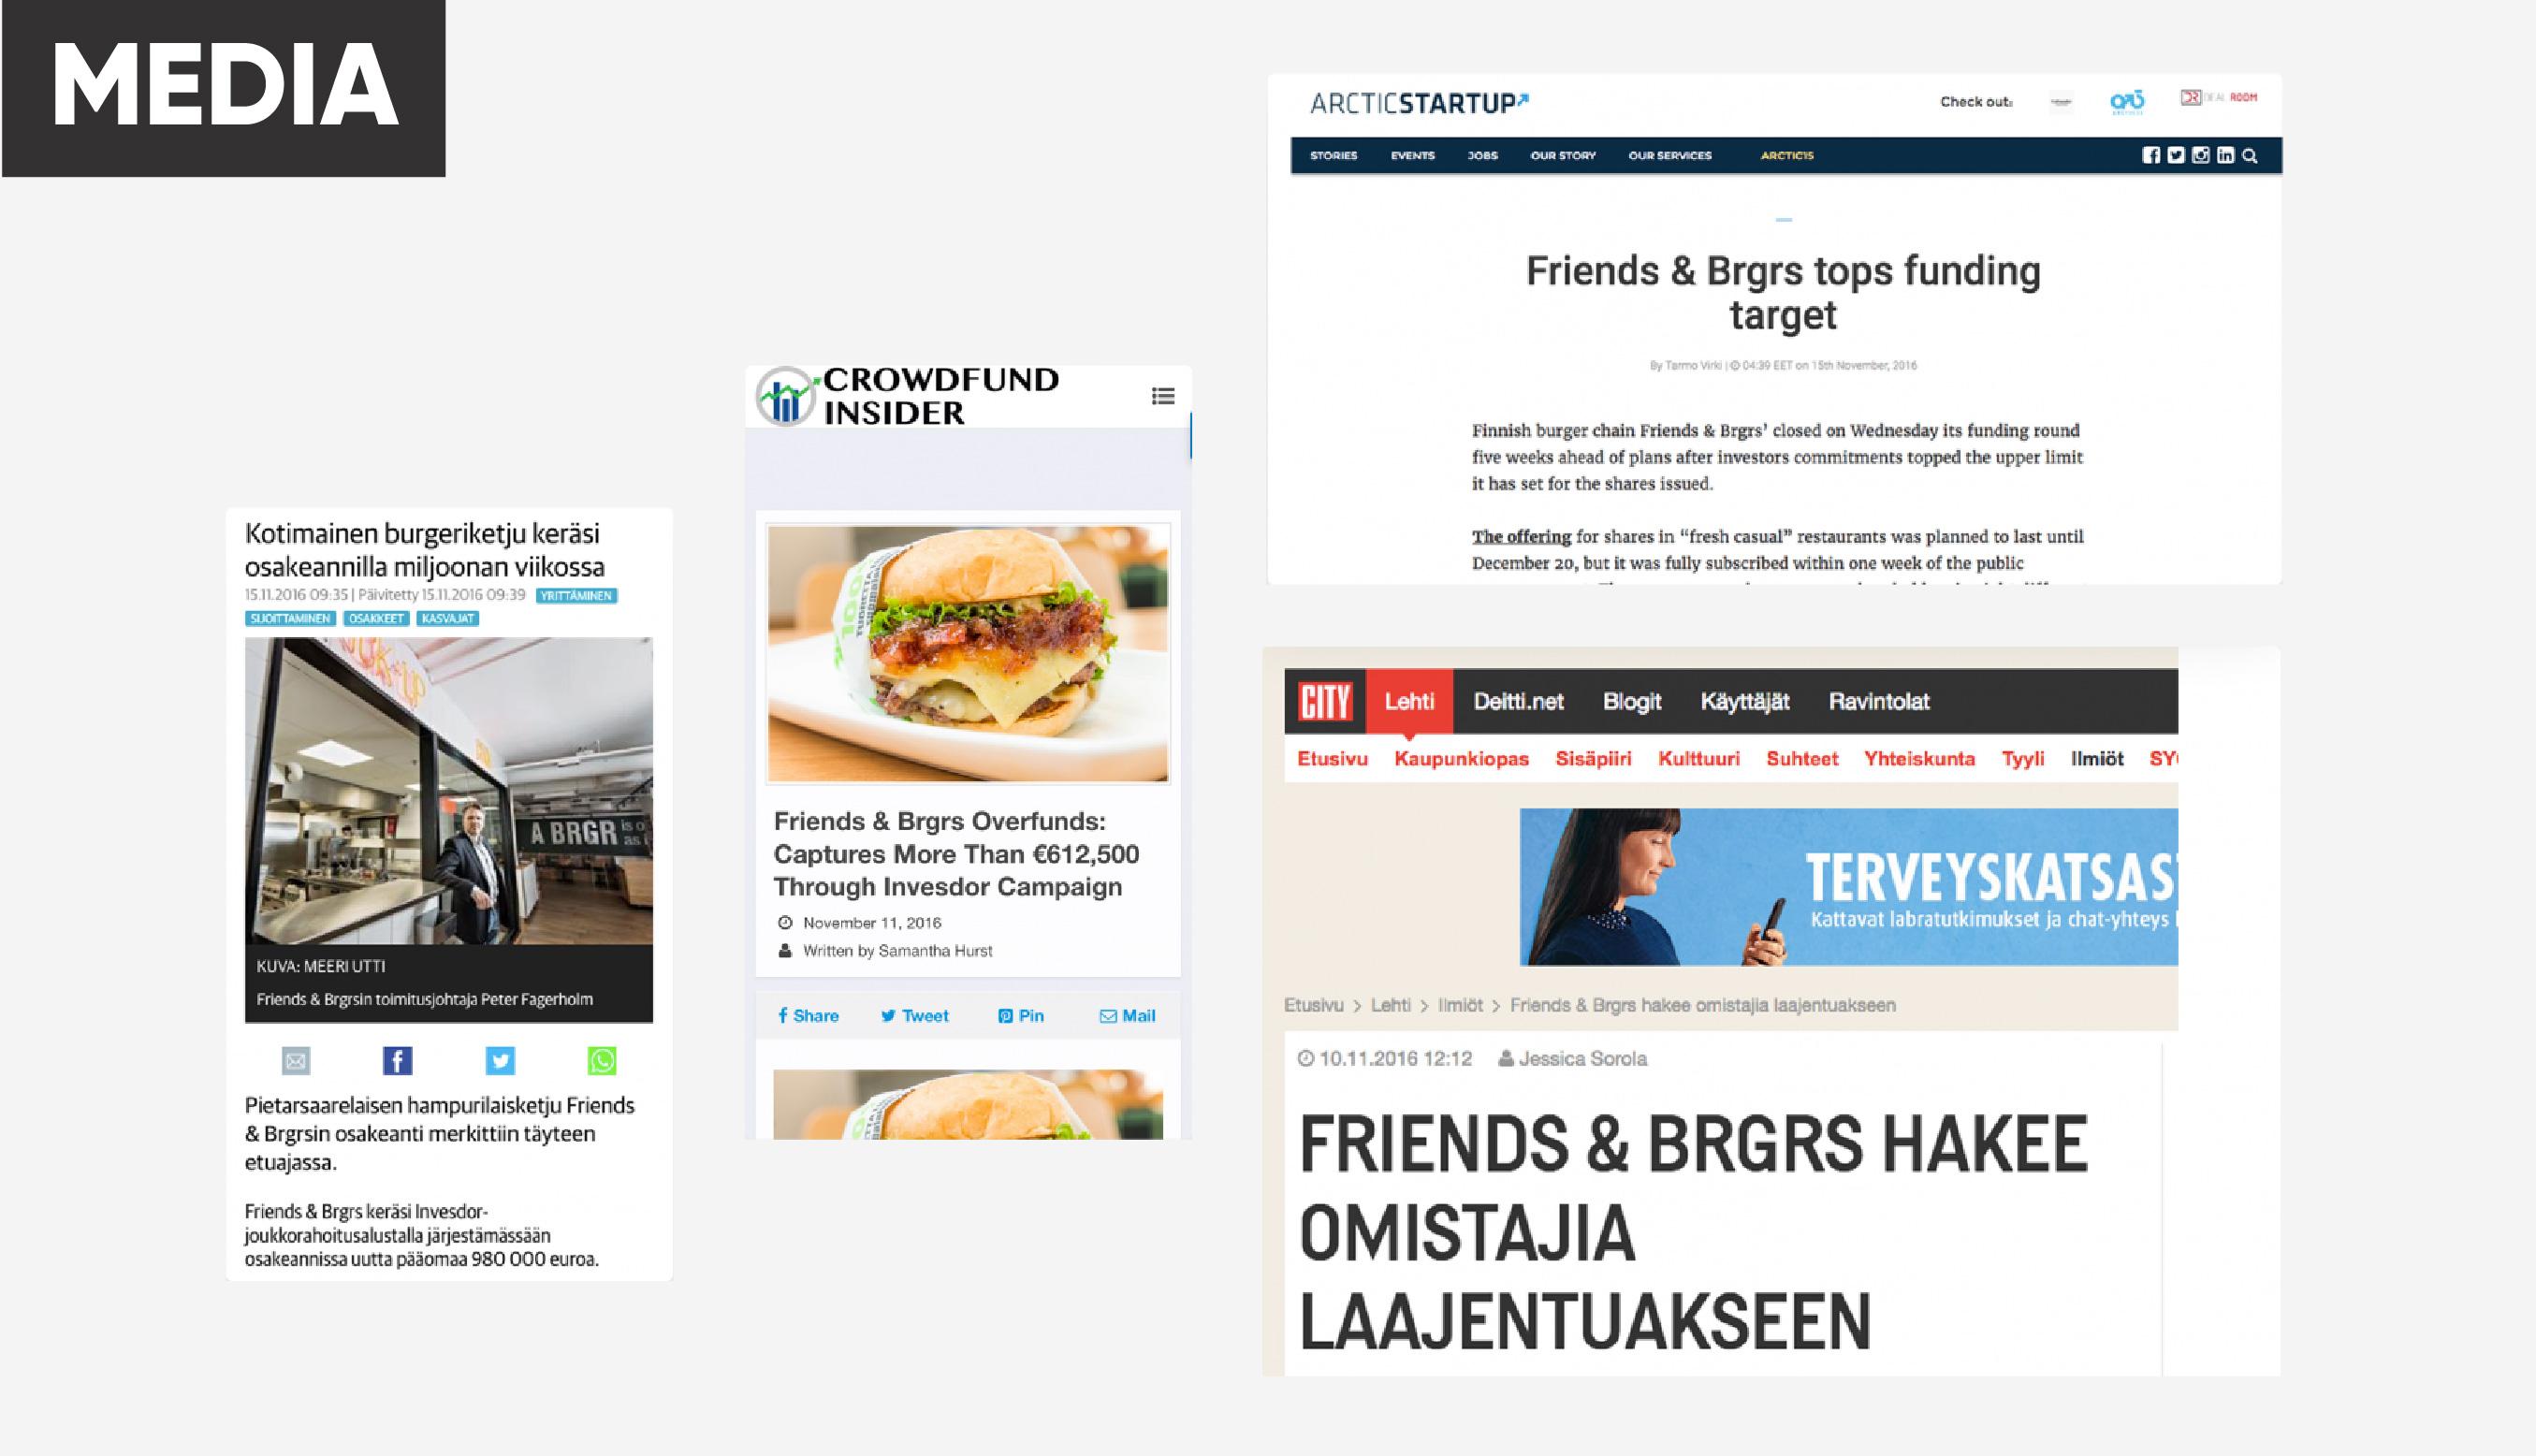 Friends & Brgrsin joukkorahoituskampanja keräsi miljoona euroa ennätysajassa 23